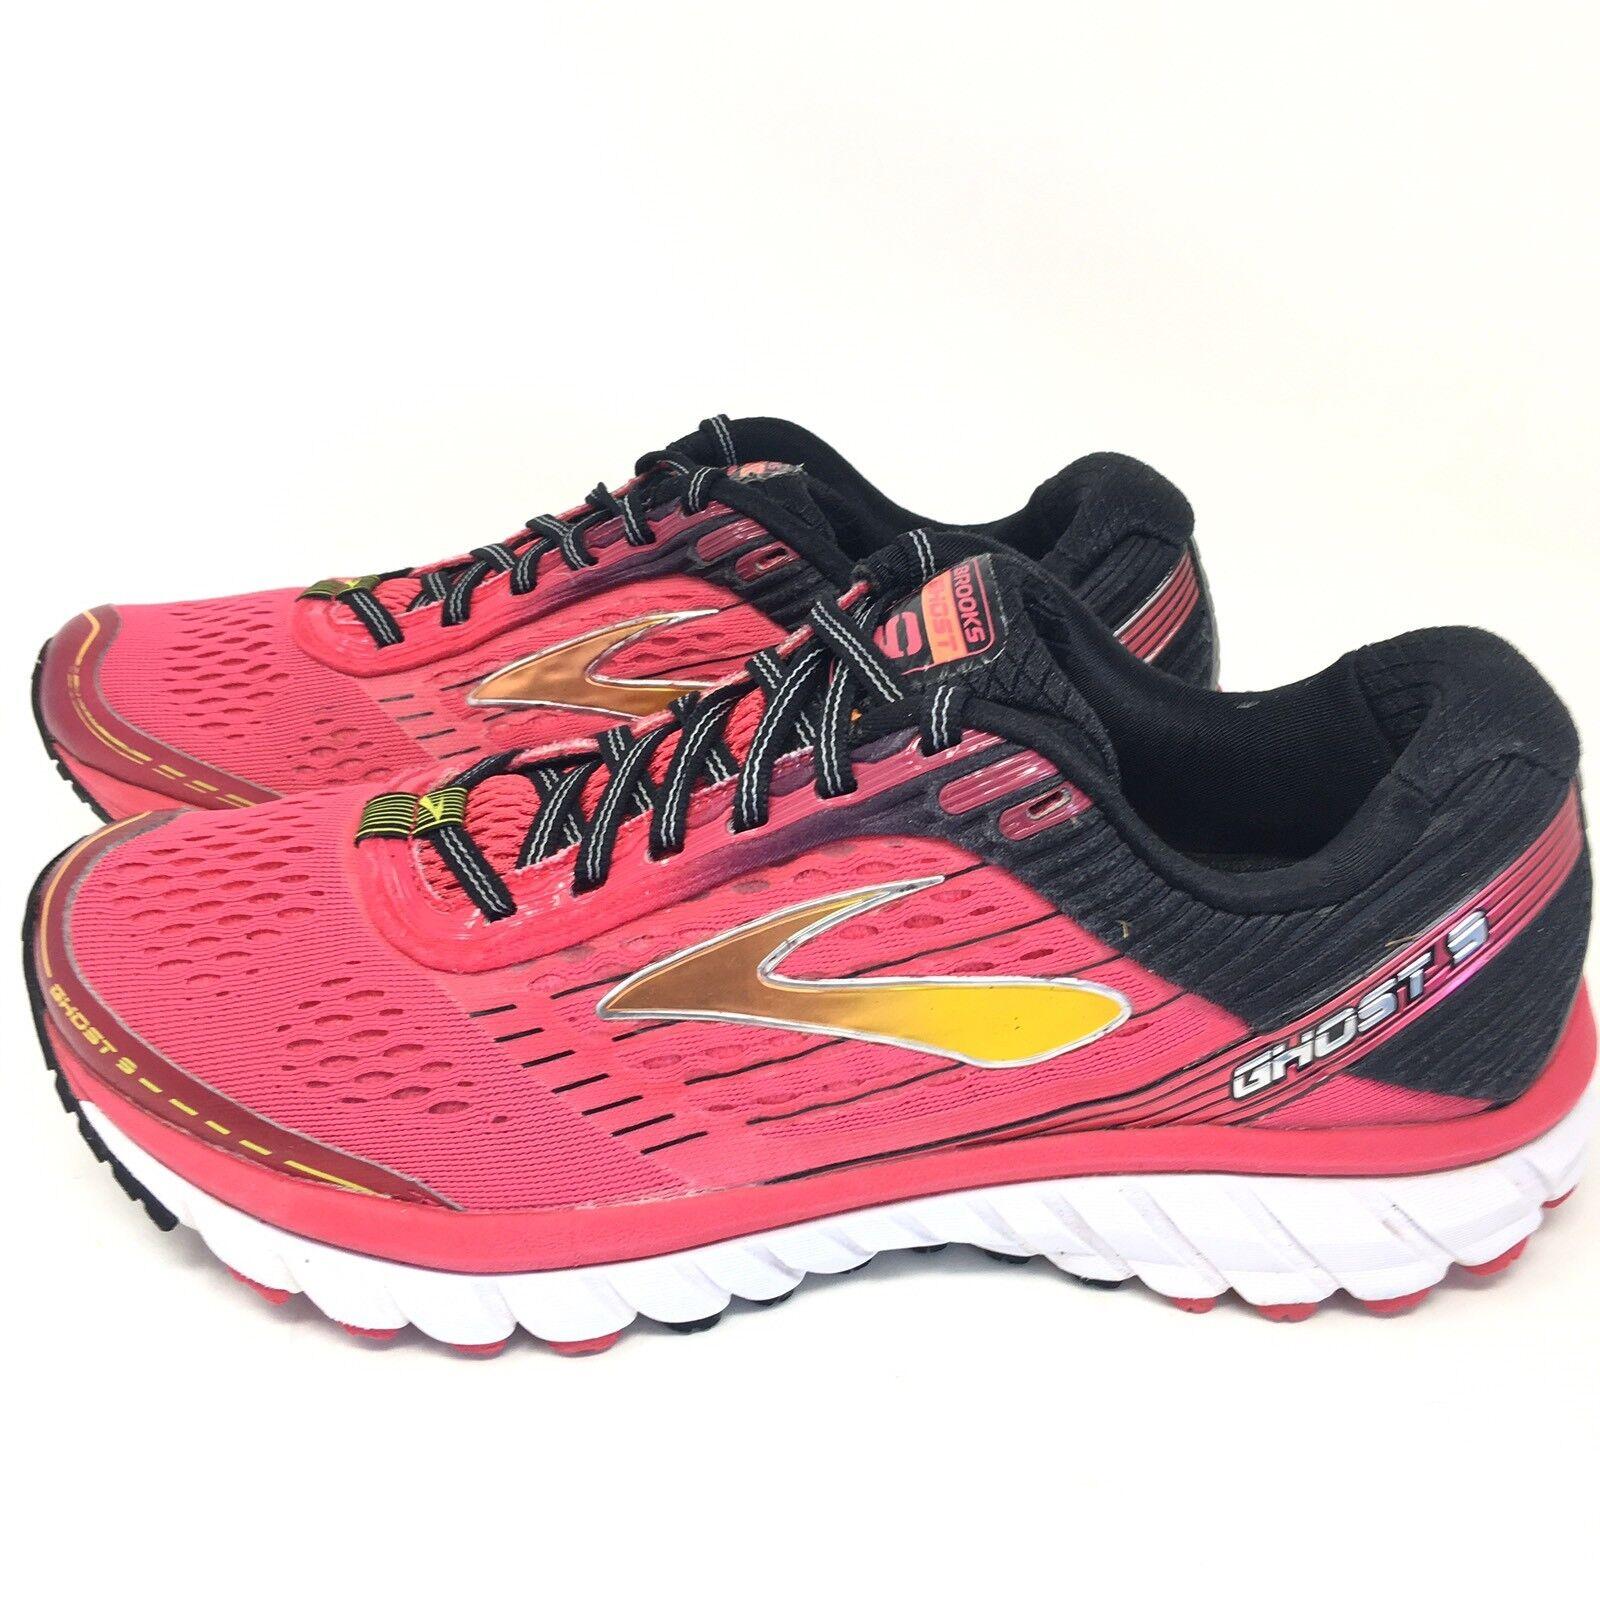 Brooks Ghost 9 9 9 Mujer Negro rosado Correr Tenis Deportivas Zapatos Talla 9.5 M B  ahorra hasta un 50%